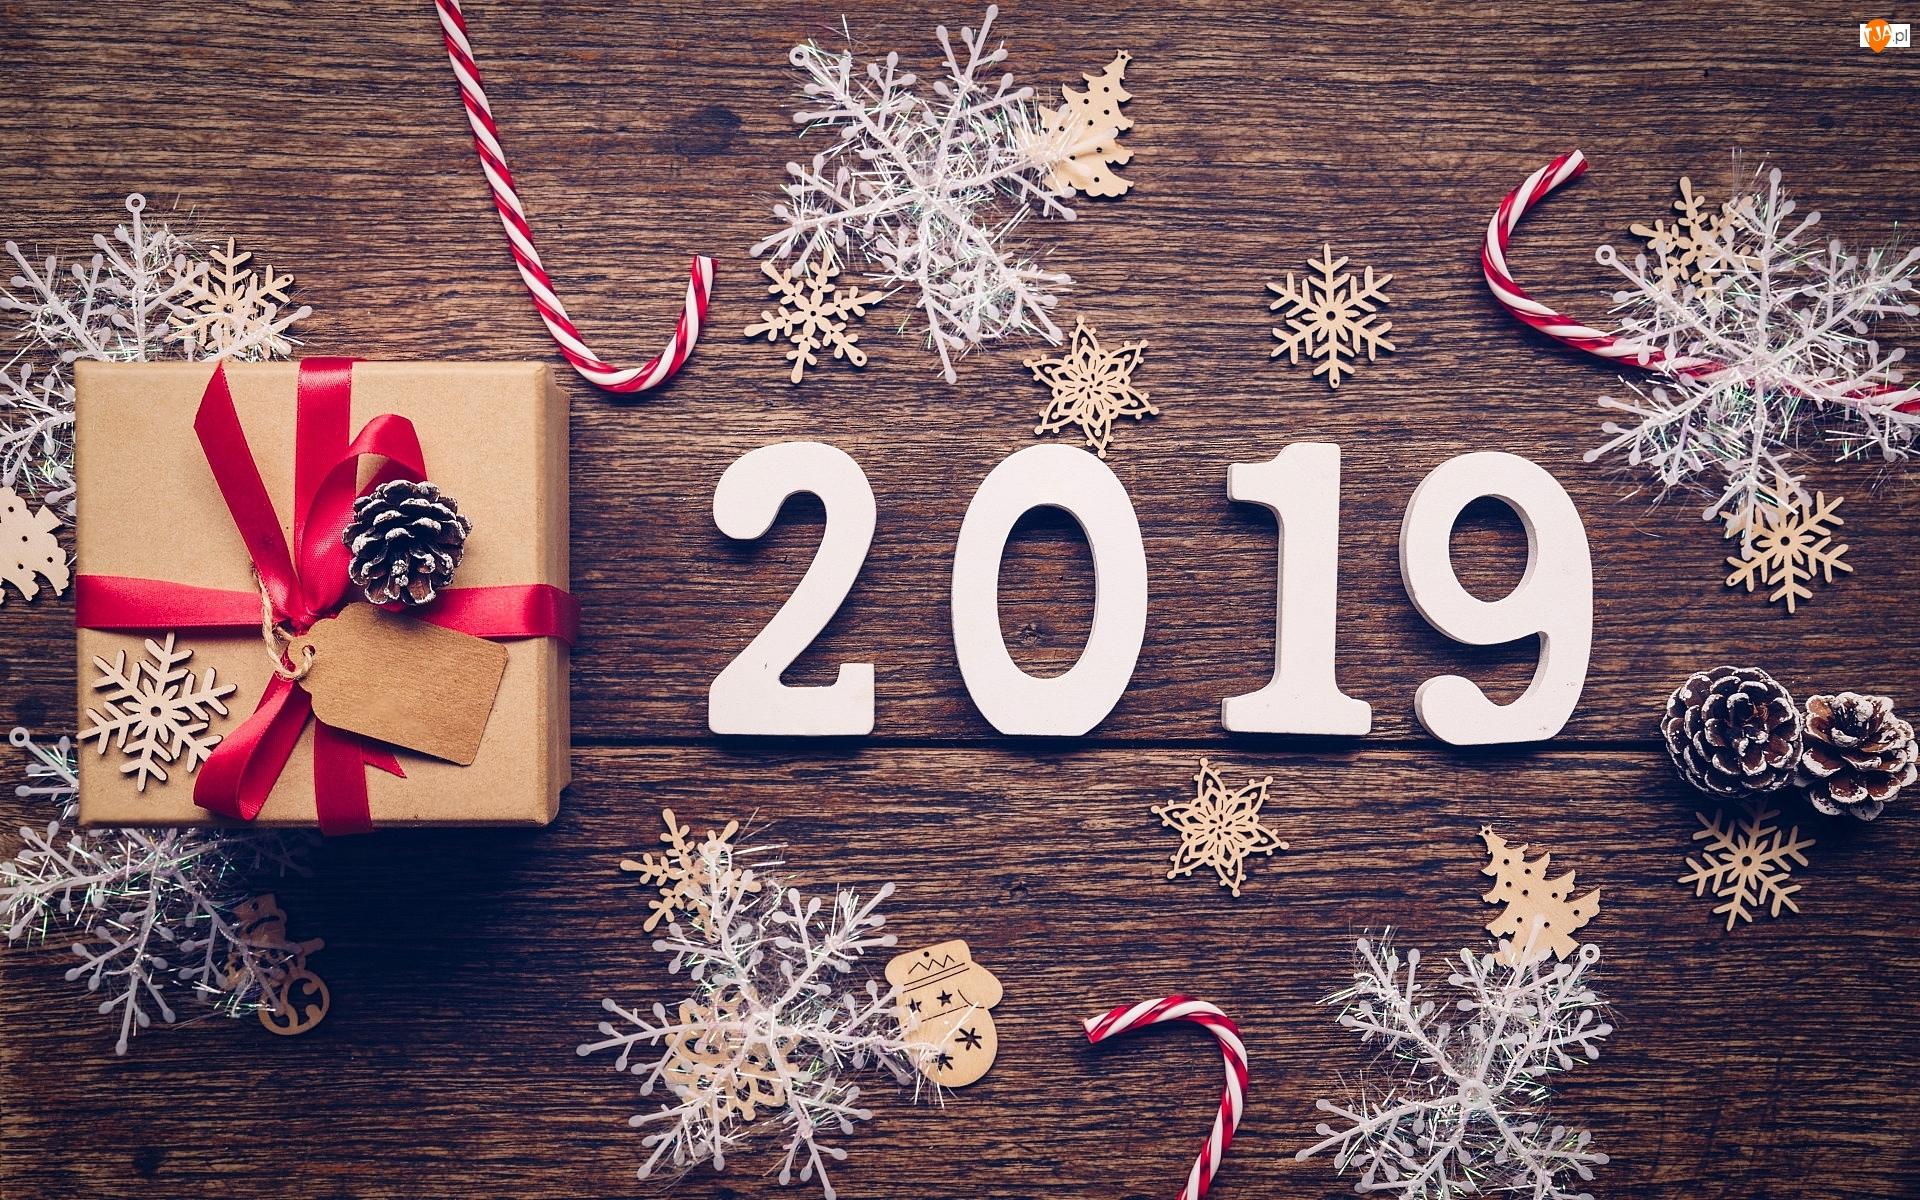 Drewno, 2019, Śnieżynki, Lizaki, Szyszki, Nowy Rok, Prezent, Napis, Ozdoby